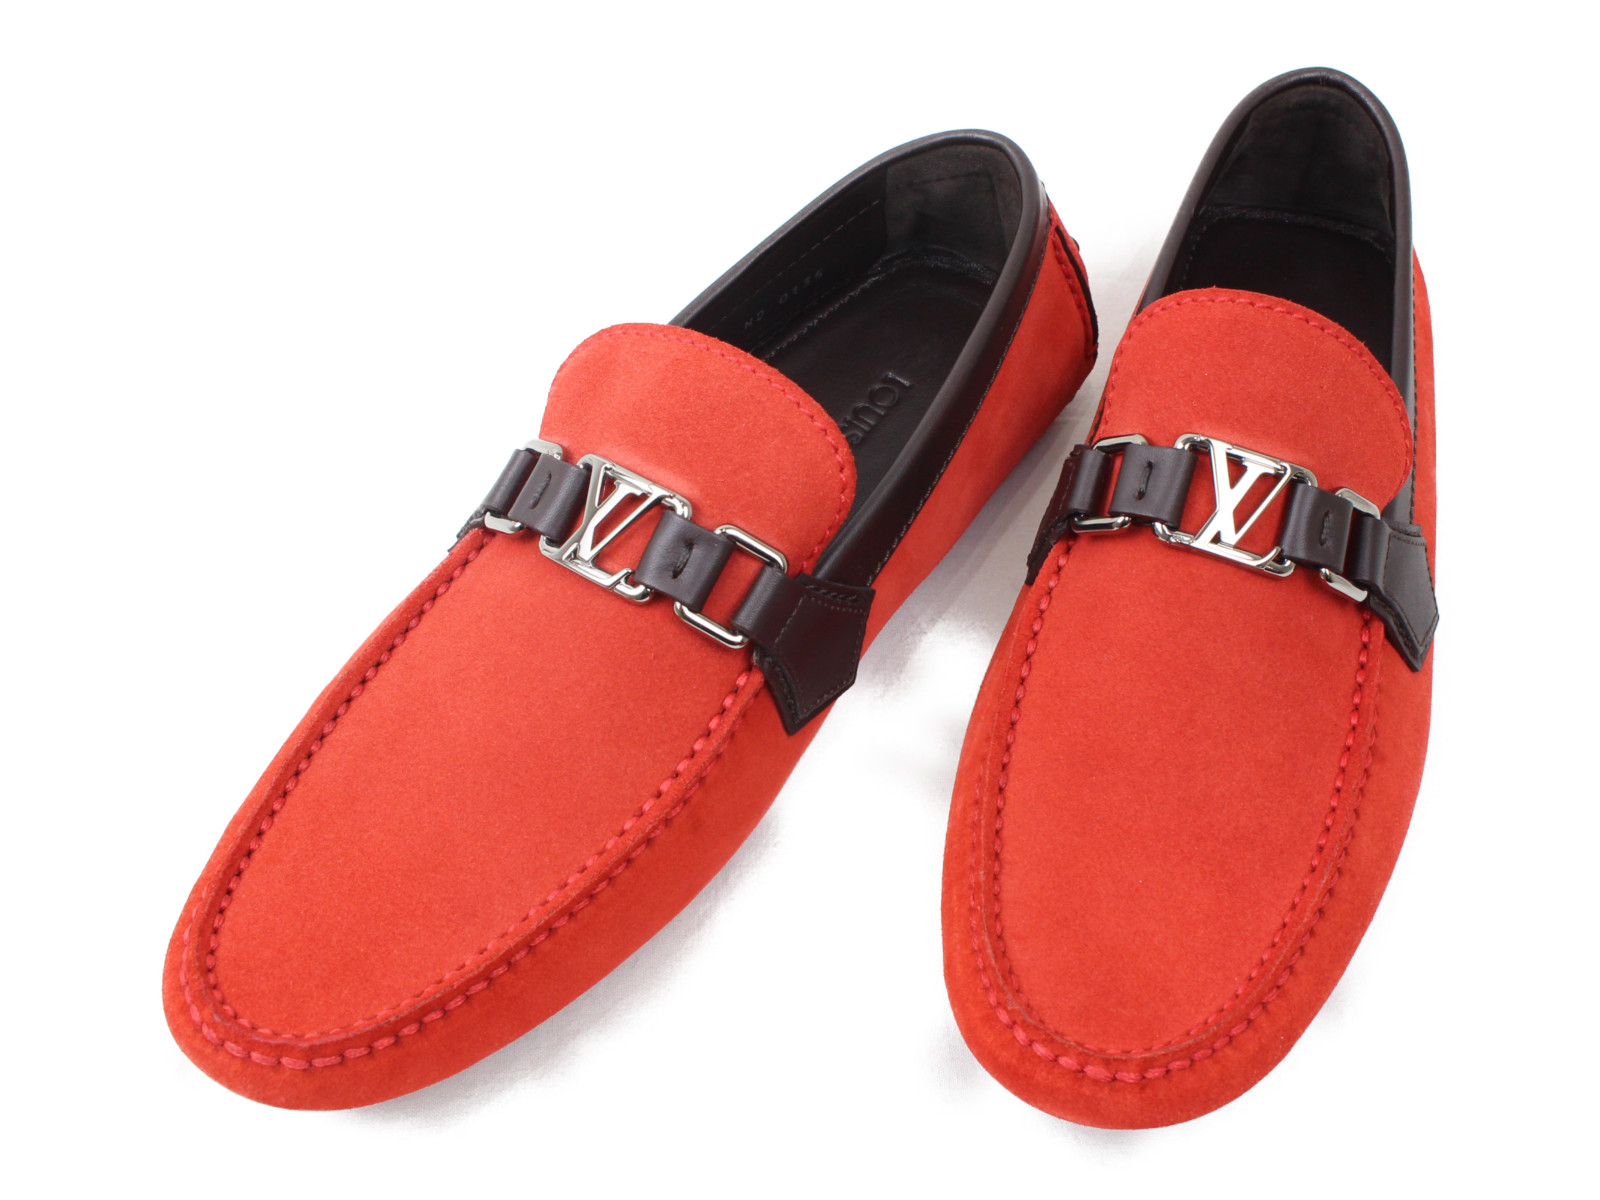 【特上品】【箱あり】LOUIS VUITTON ルイ ヴィトンホッケンハイム・ライン ローファー 1A44T1 オランジュ オレンジ系 靴 メンズ 男性 サイズ7 1/2 日本サイズ約26.5cm おしゃれ かっこいい プレゼント 贈り物【中古】